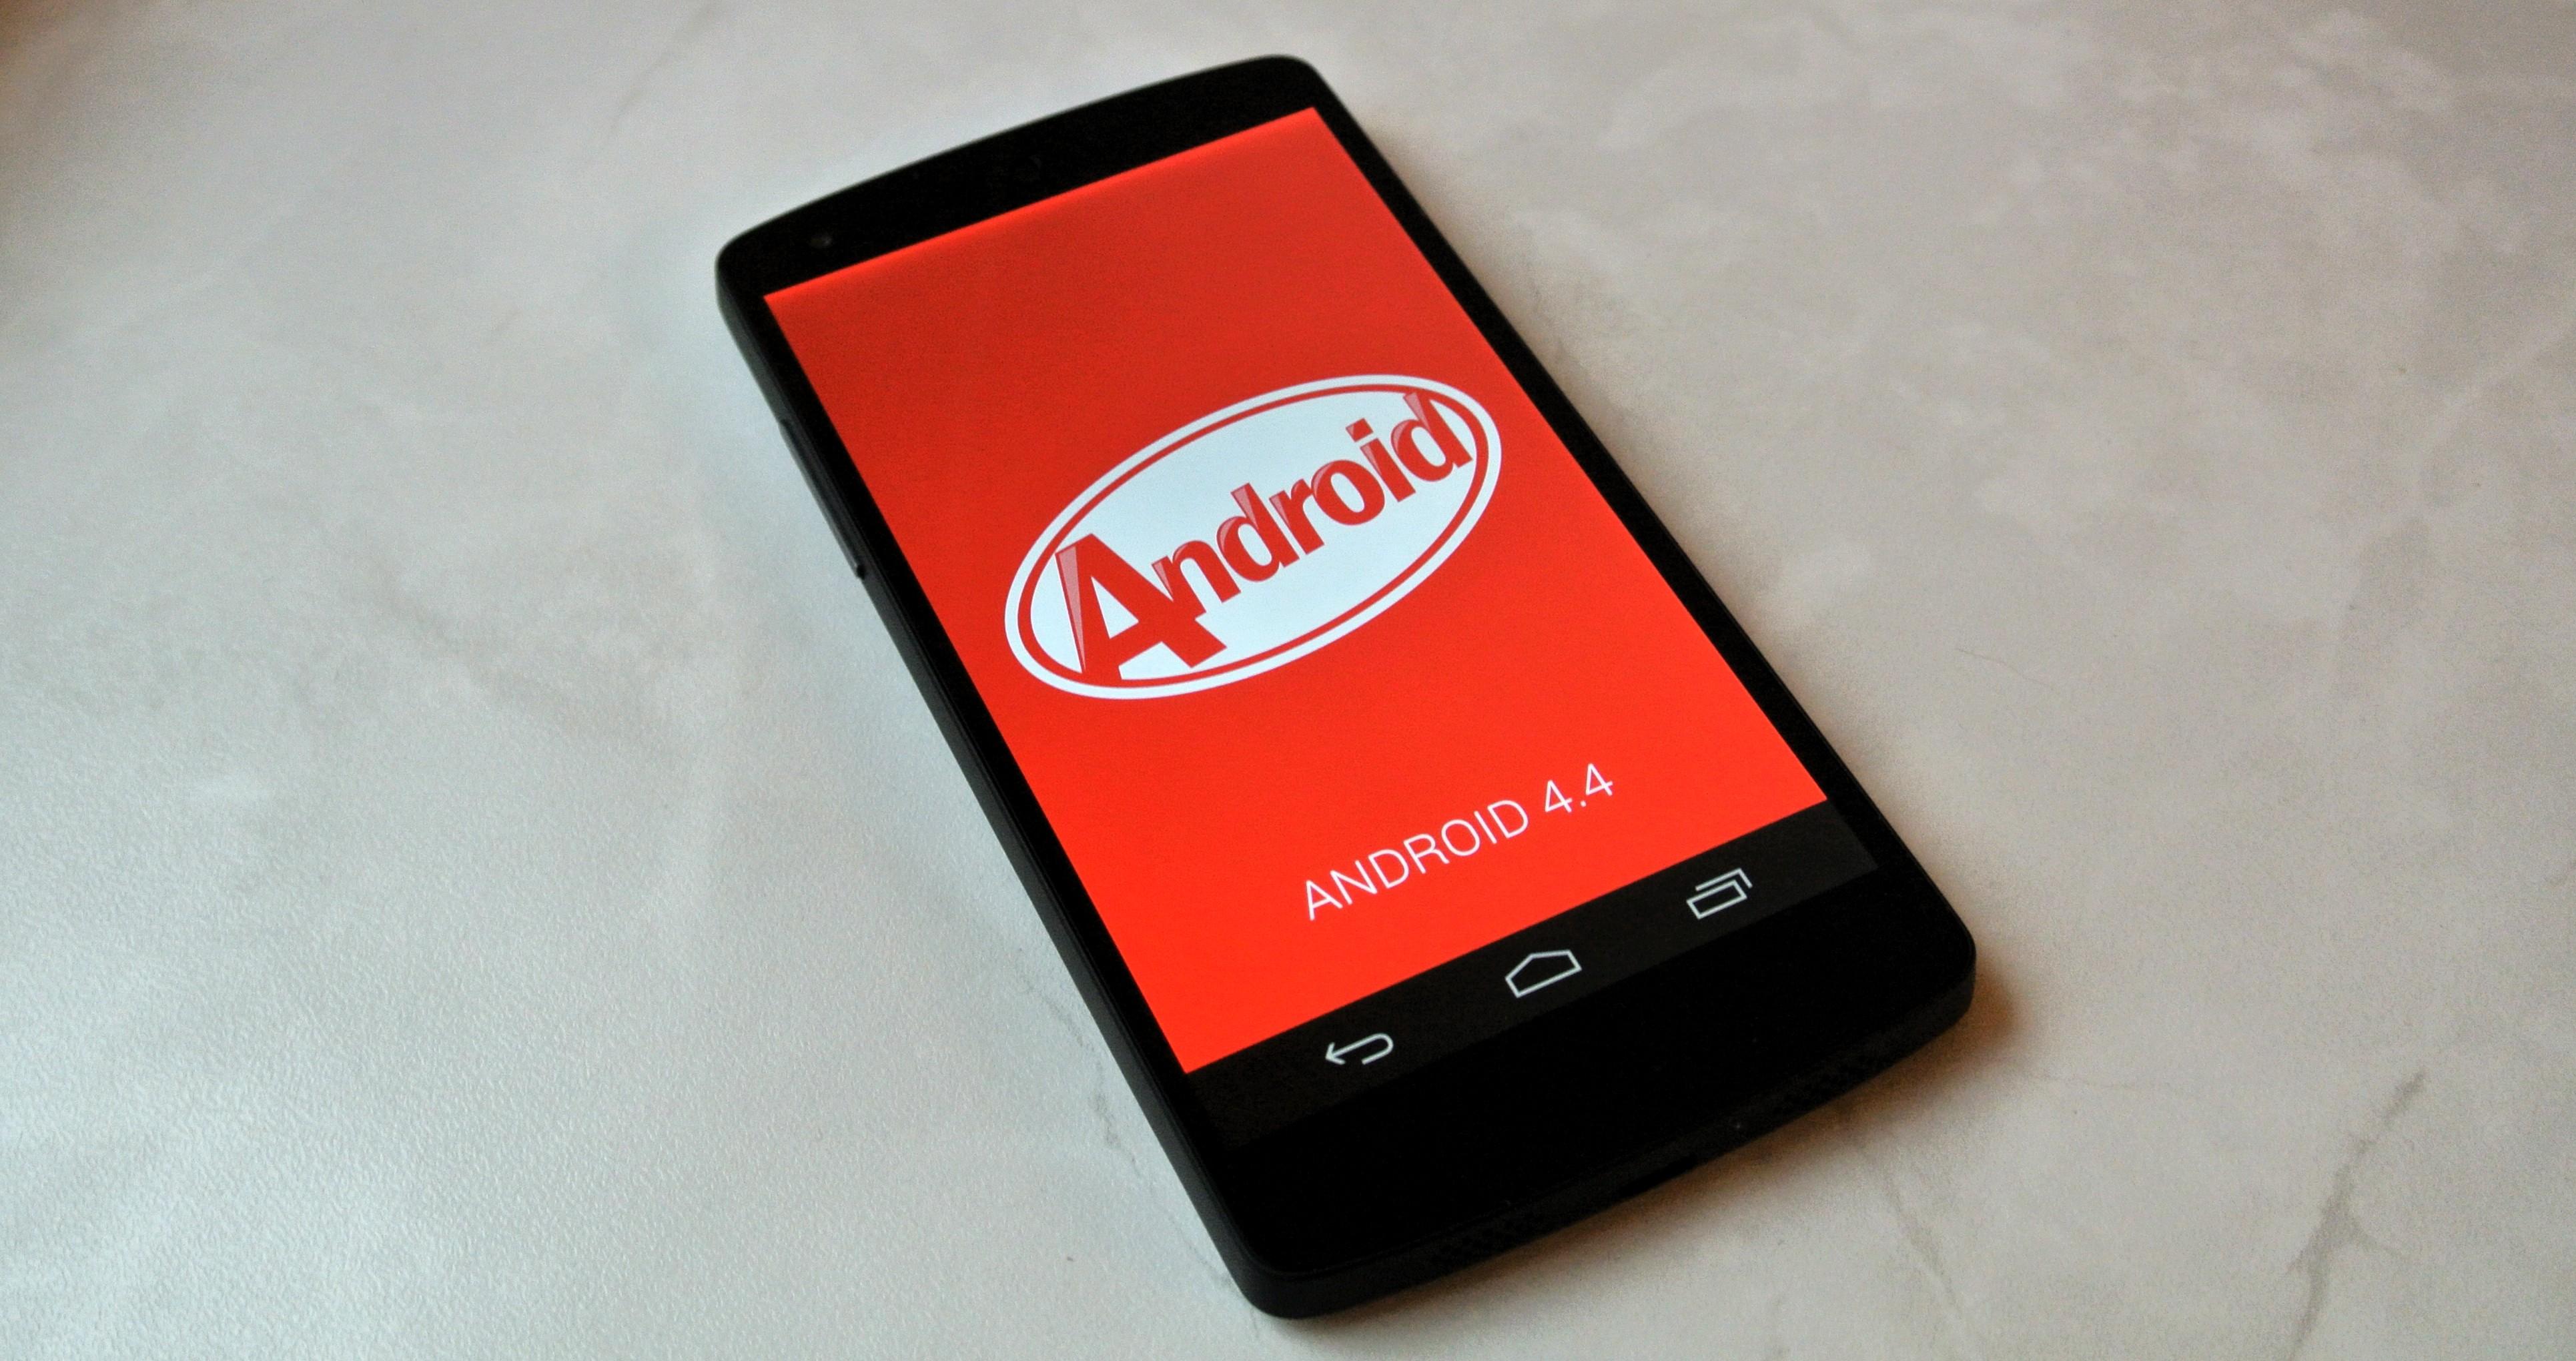 Dzięki czemu Android 4.4 KitKat ma działać sprawnie na starszych urządzeniach? Dzięki podstępowi